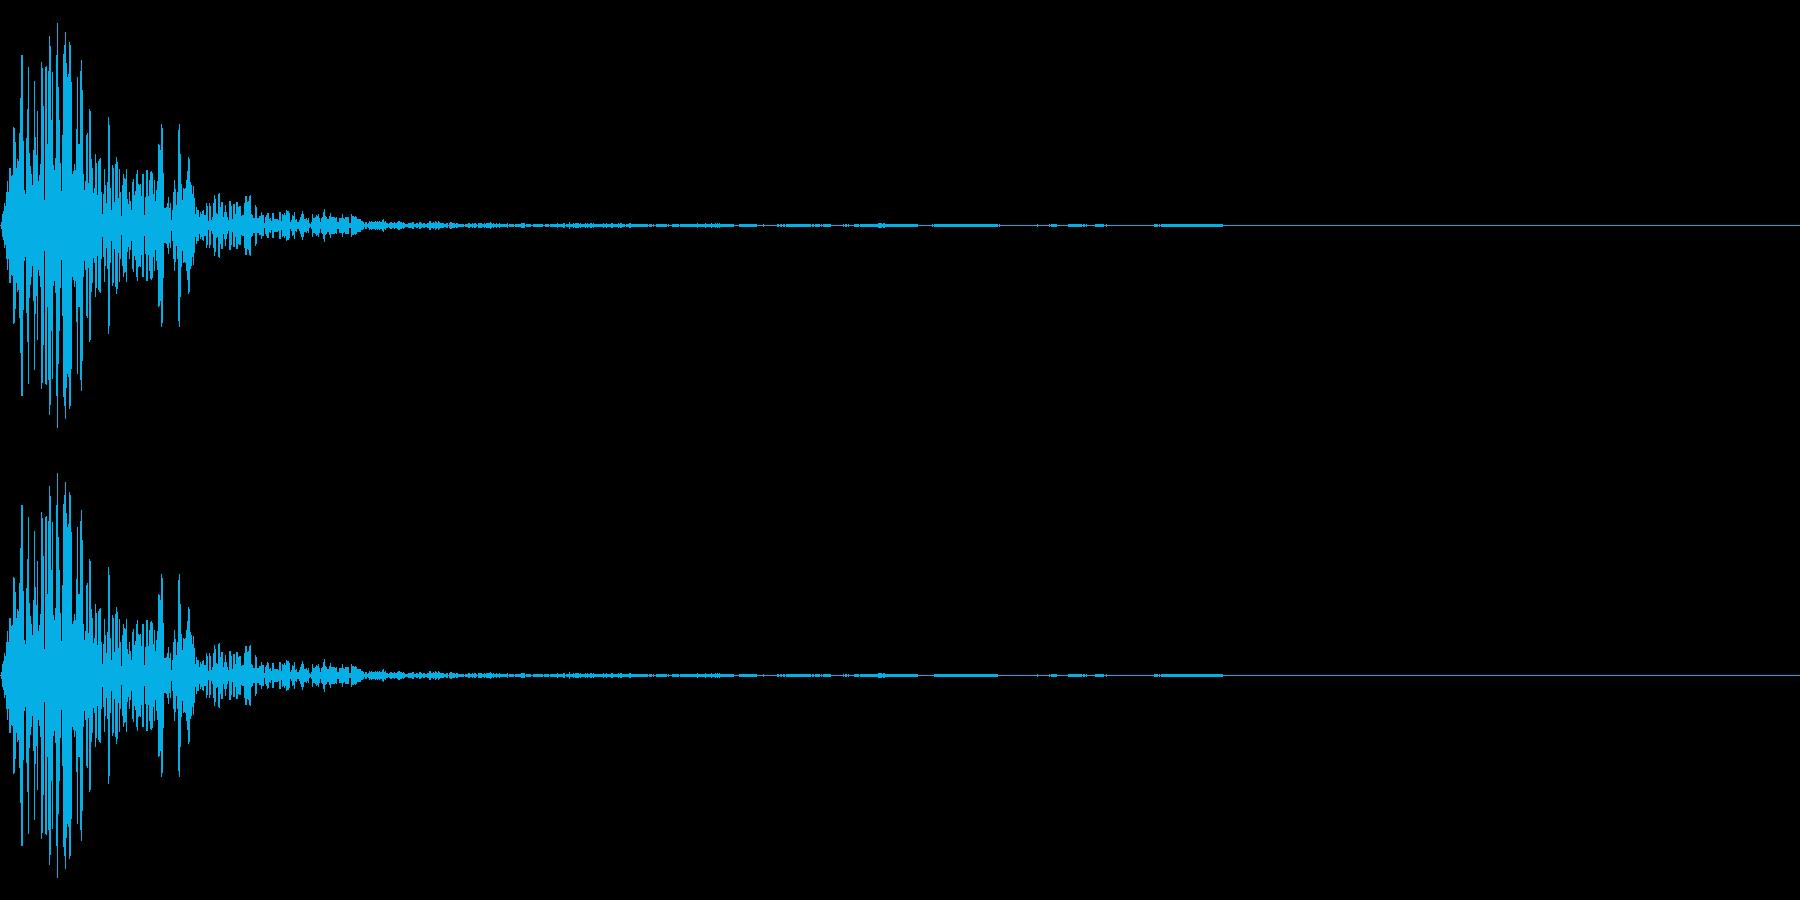 DEBRISによるメタルドラムヒッ...の再生済みの波形